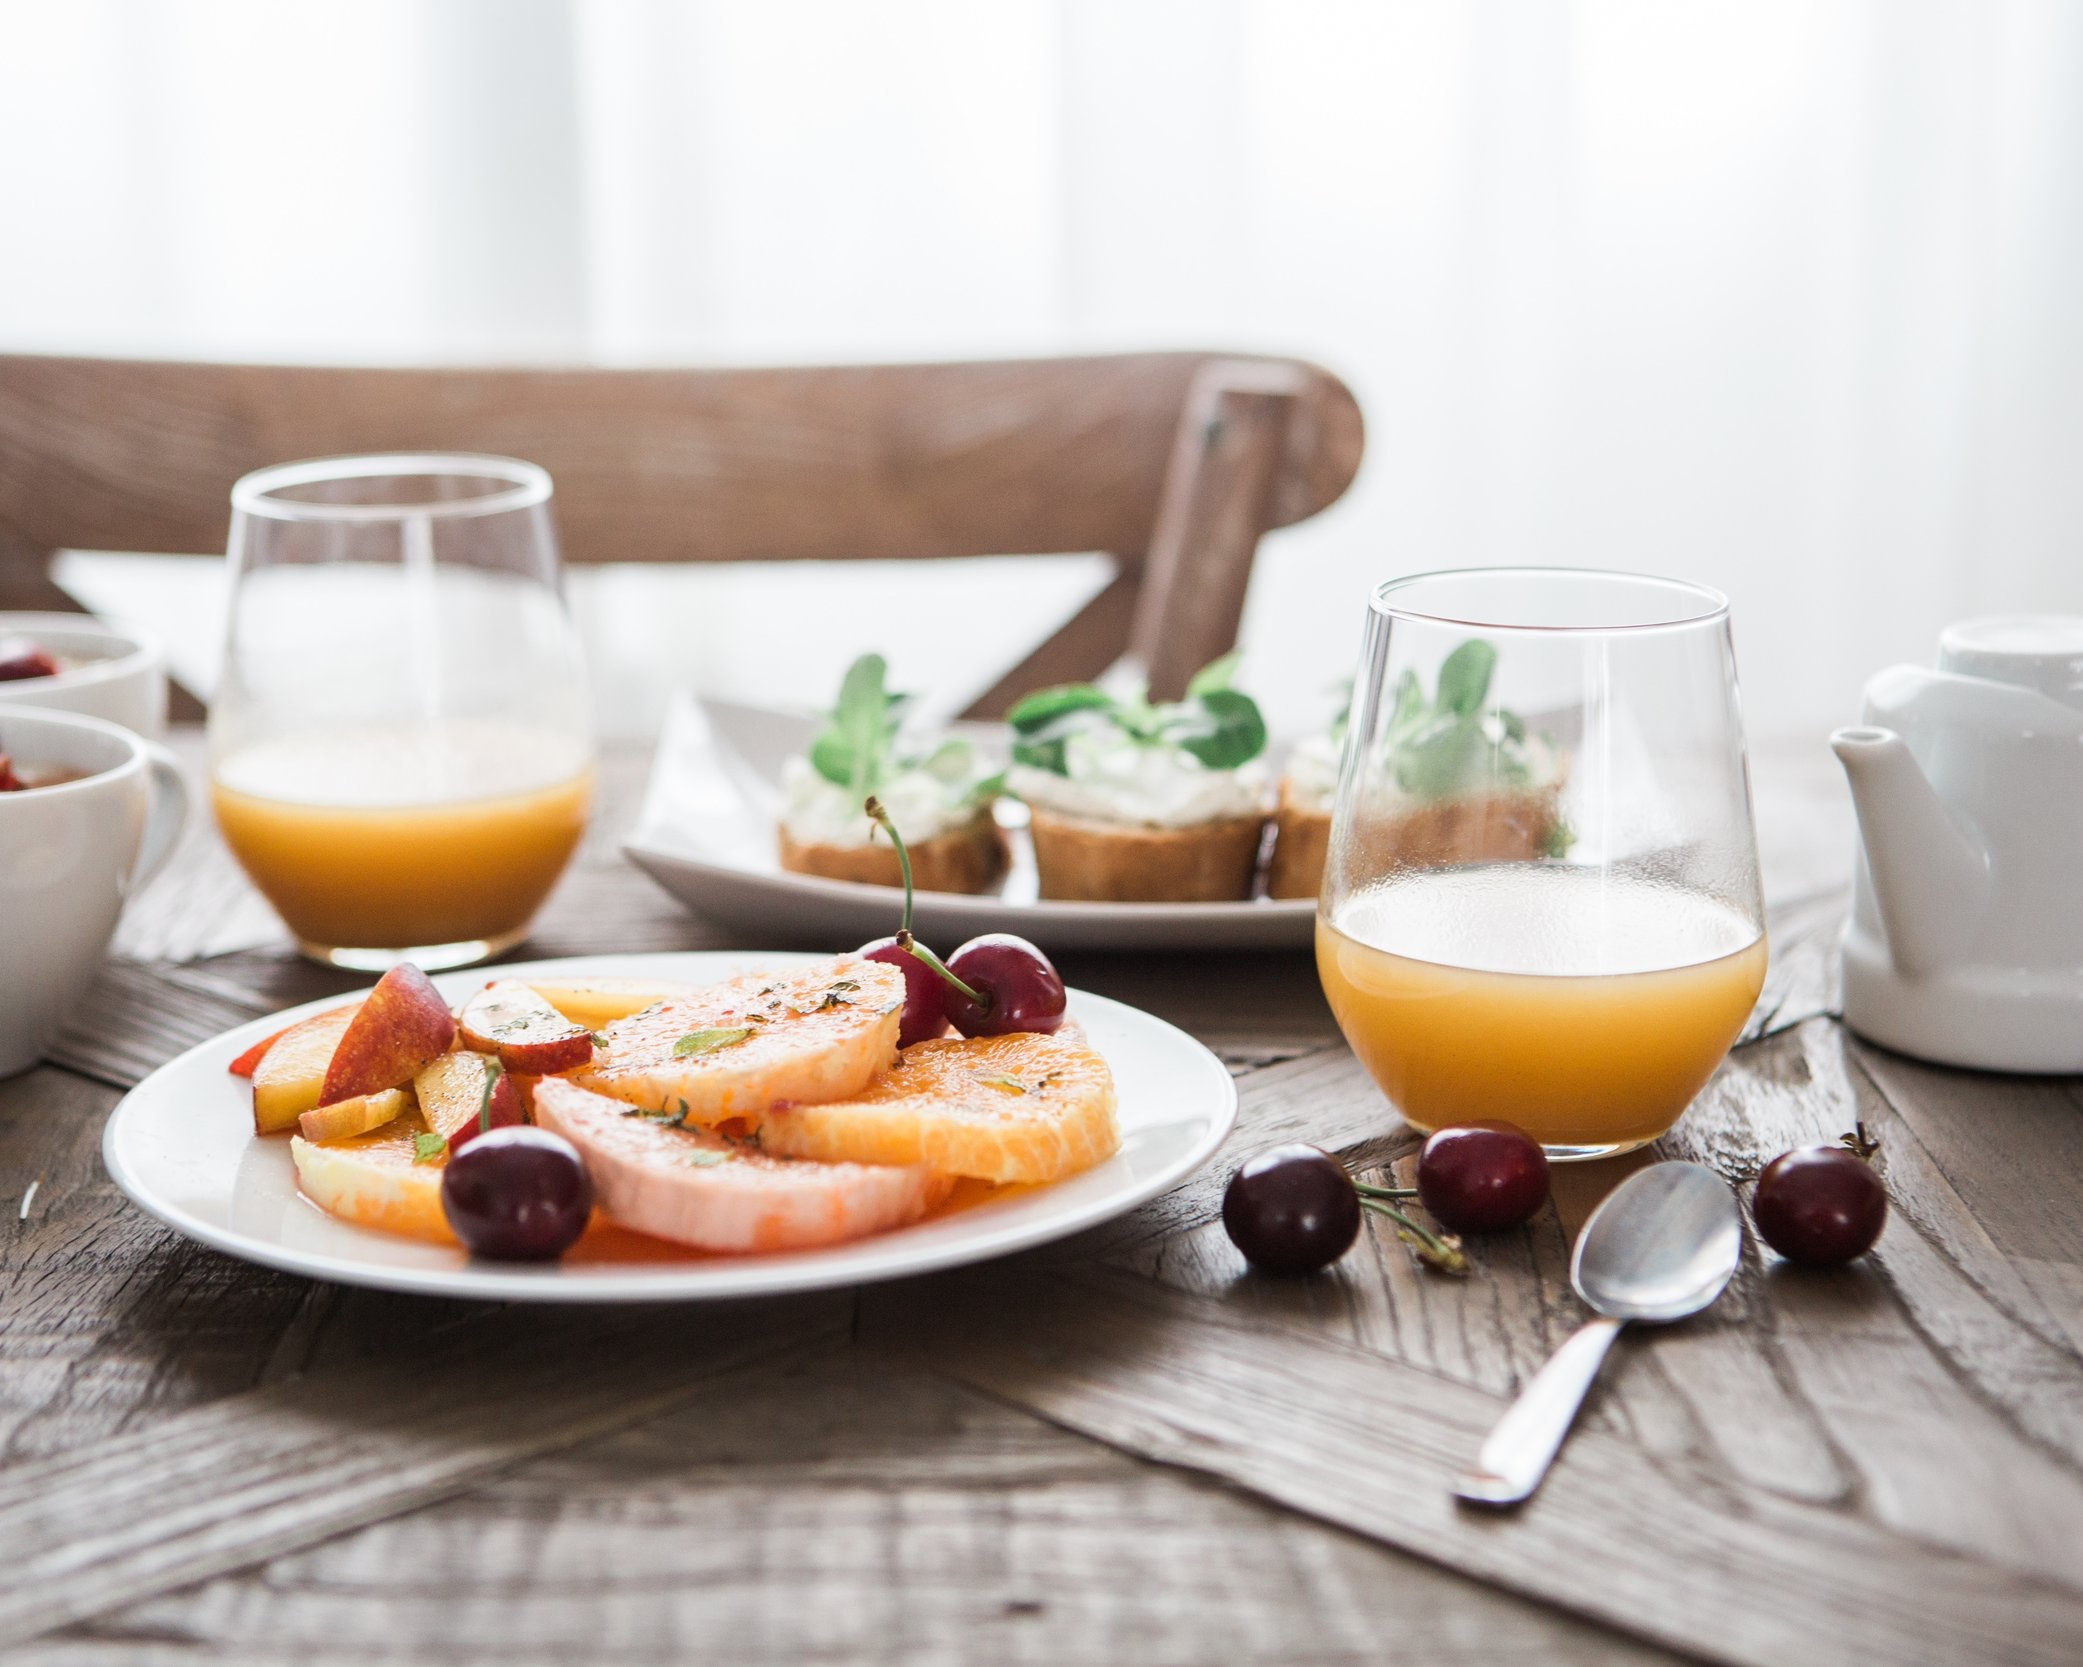 Avere un'alimentazione corretta - Una buona alimentazione rafforza i muscoli. Proteine adeguate, essenziali per rafforzare i muscoli, si possono trovare in certi alimenti come uova, legumi, frutta secca, mele con la buccia.Antiossidanti come frutti rossi sono la risorsa per contrastare i radicali libri e la Vitamina C contenuta in molti frutti permette di accellerare il metabolismo e di bruciare i grassi.